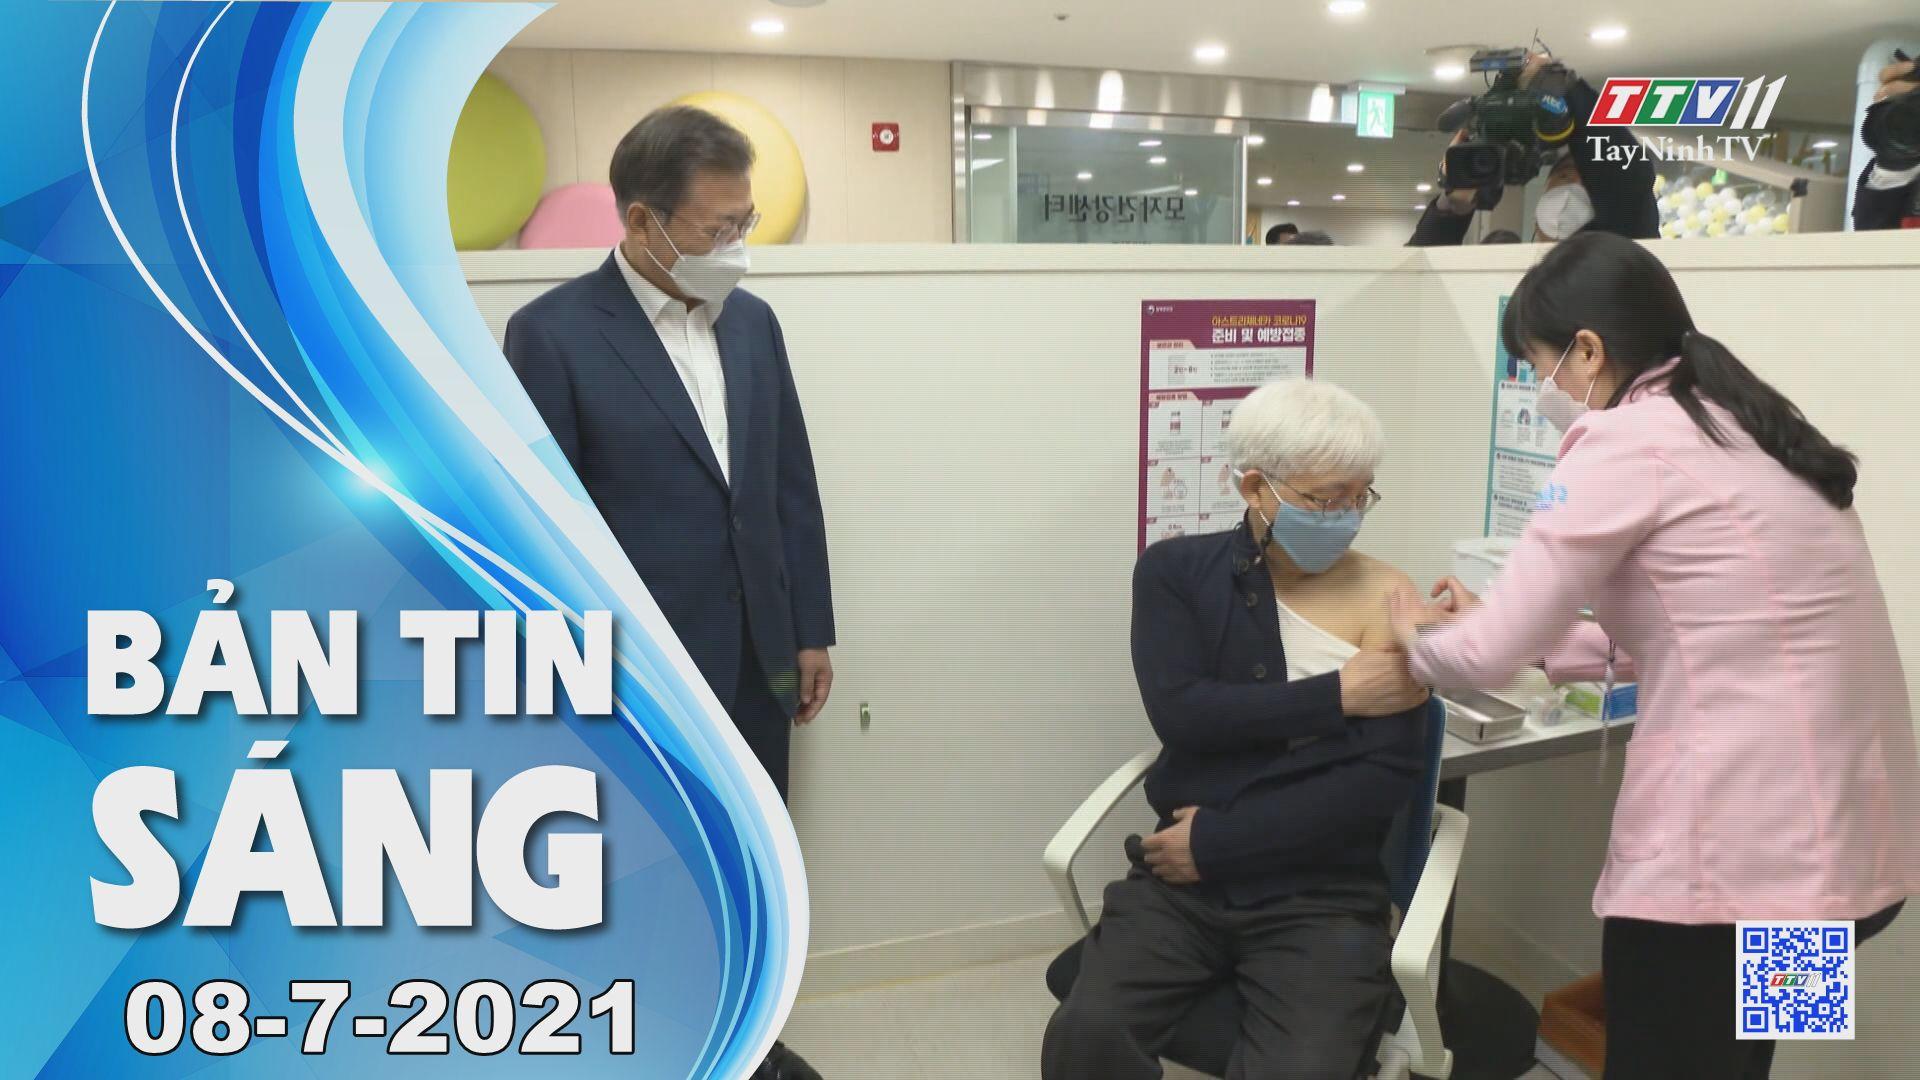 Bản tin sáng 08-7-2021   Tin tức hôm nay   TayNinhTV